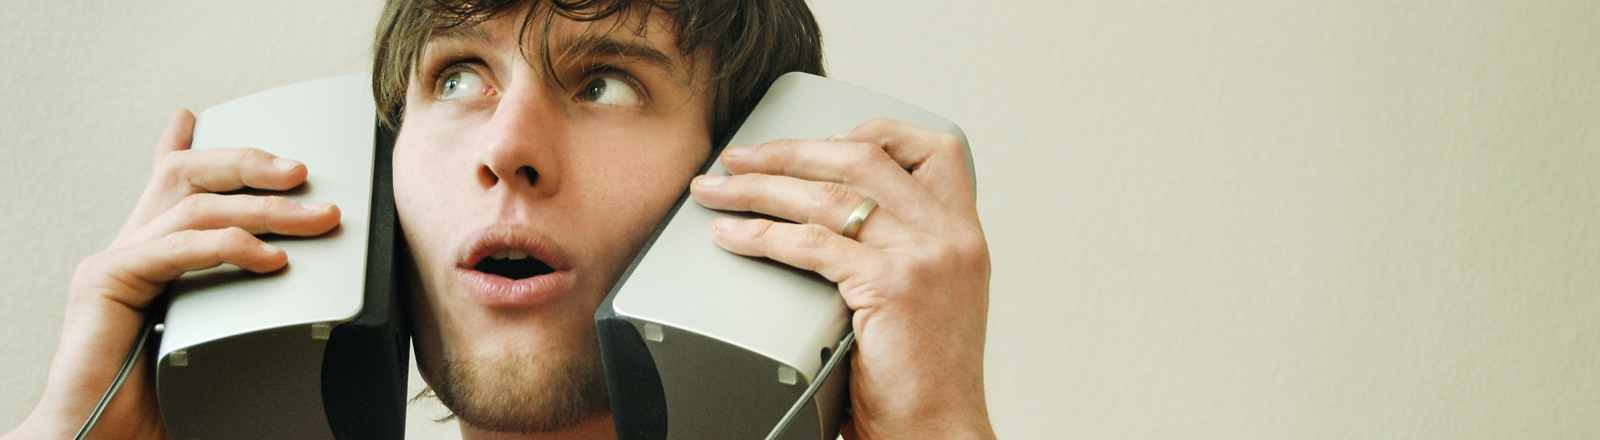 Ein junger Mann hält sich zwei Computerboxen an die Ohren.